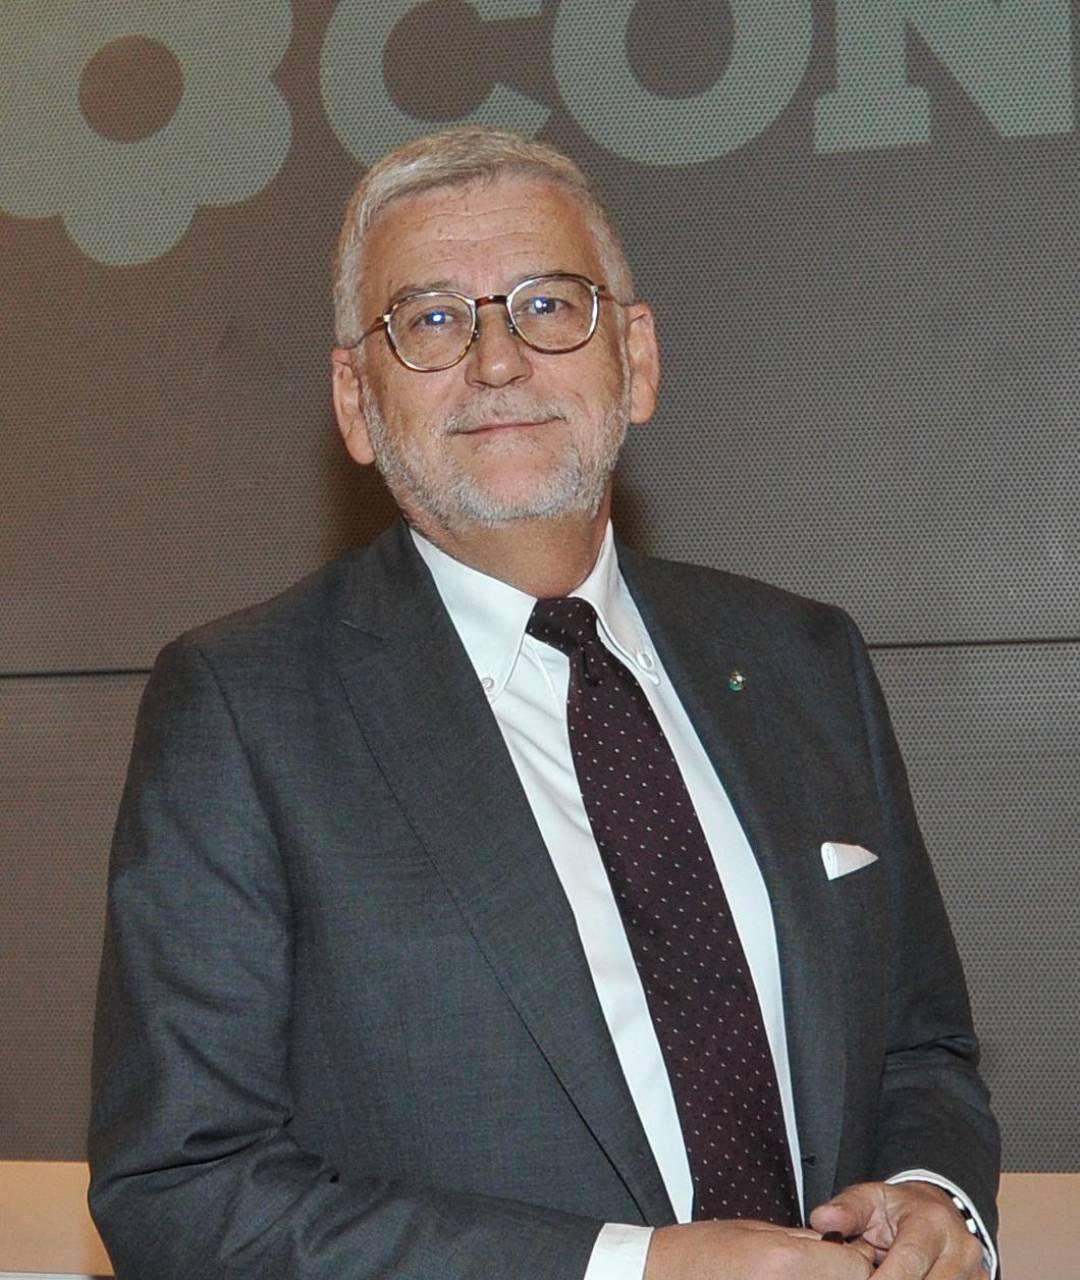 Il manager Francesco Pugliese, classe 1969, amministratore delegato di Conad